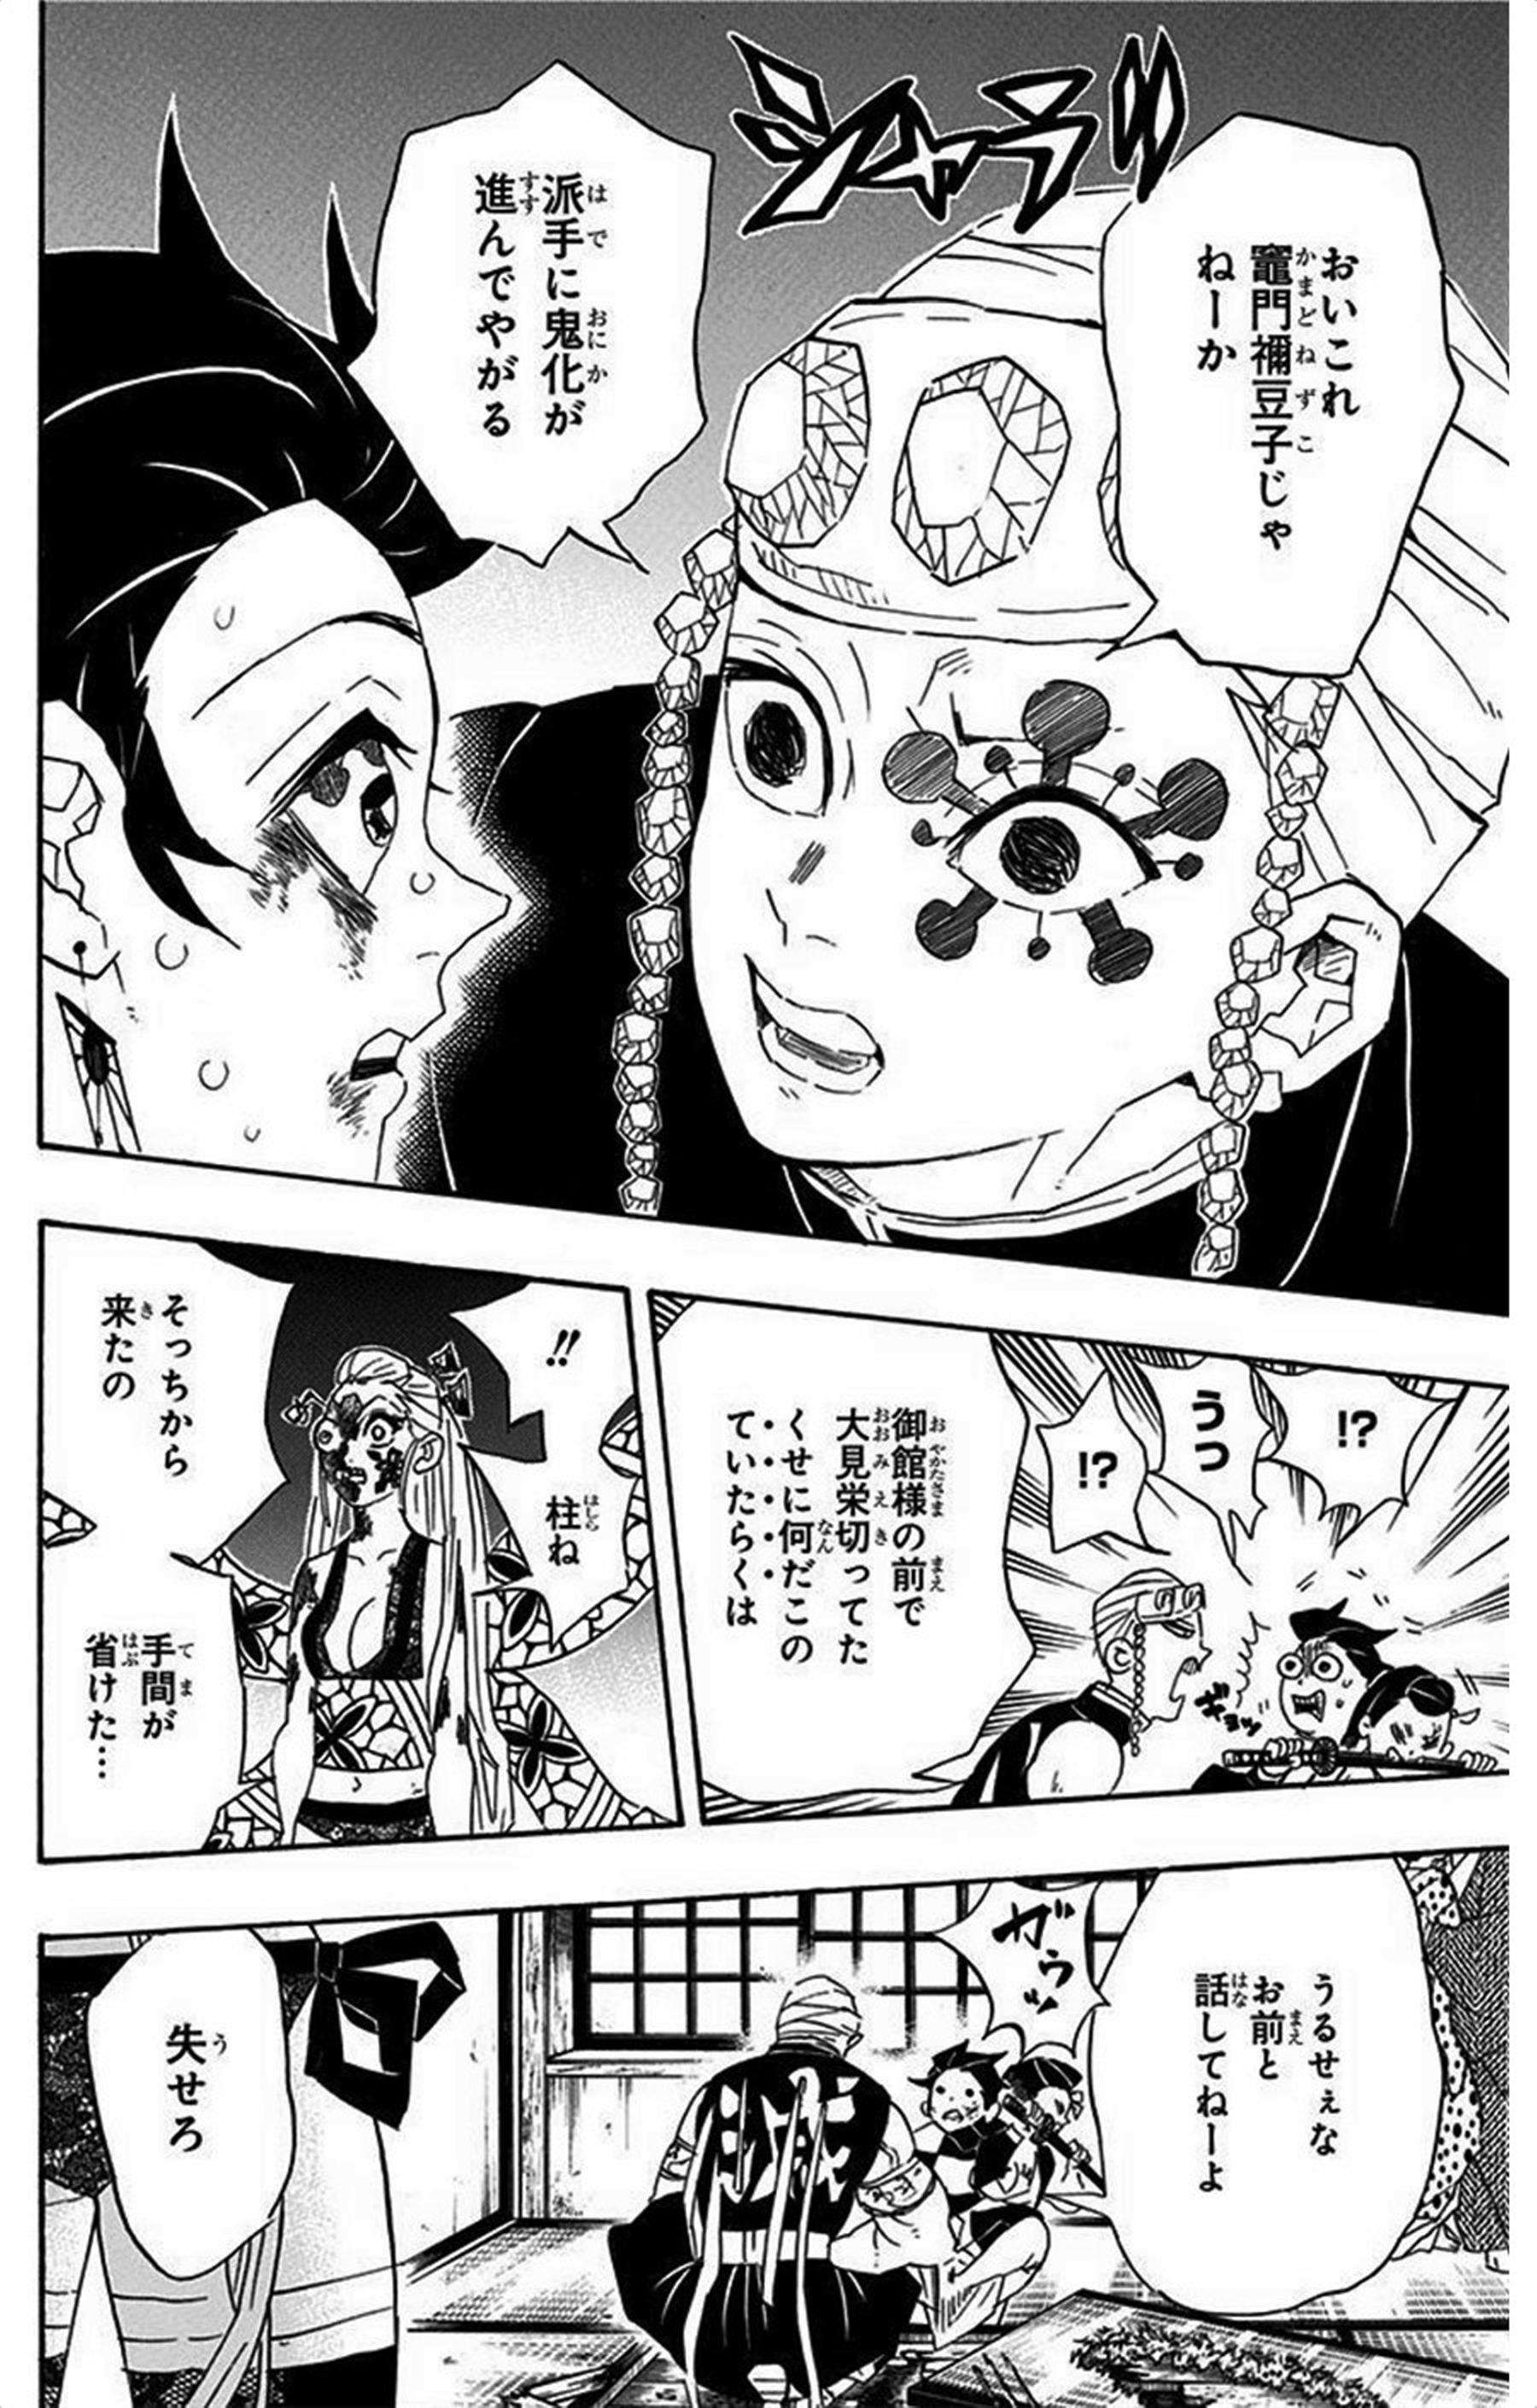 10巻 鬼滅の刃 鬼滅の刃 完全な作品 無料で見る 漫画描画 滅 妓夫太郎